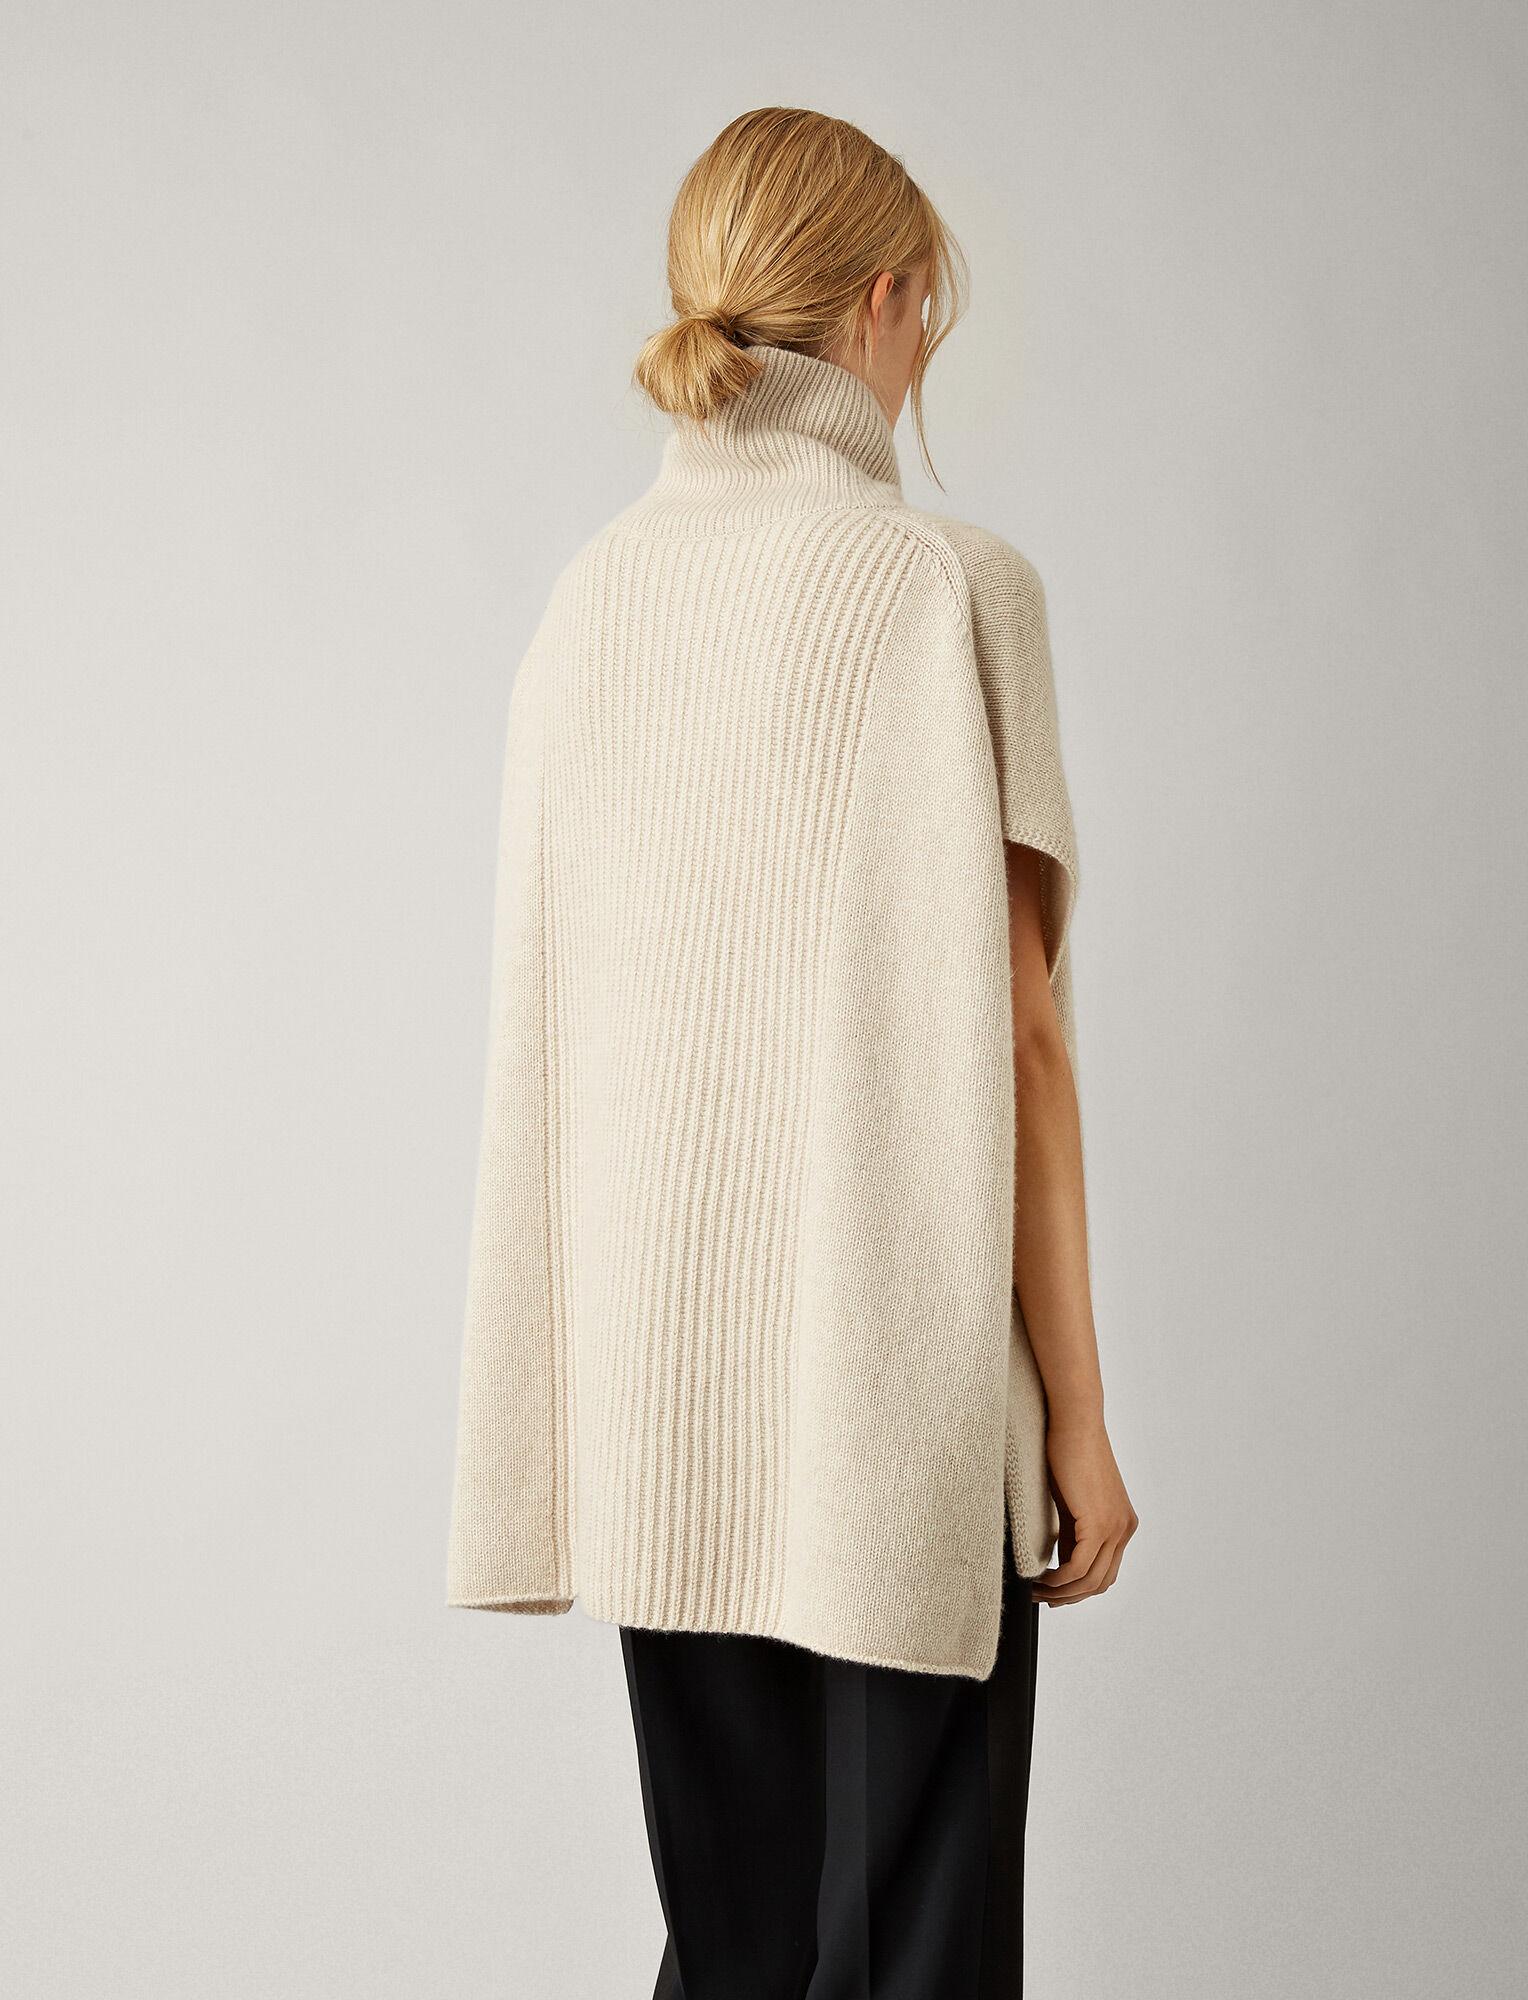 Joseph, Poncho en tricot de cachemire luxe, in MASTIC